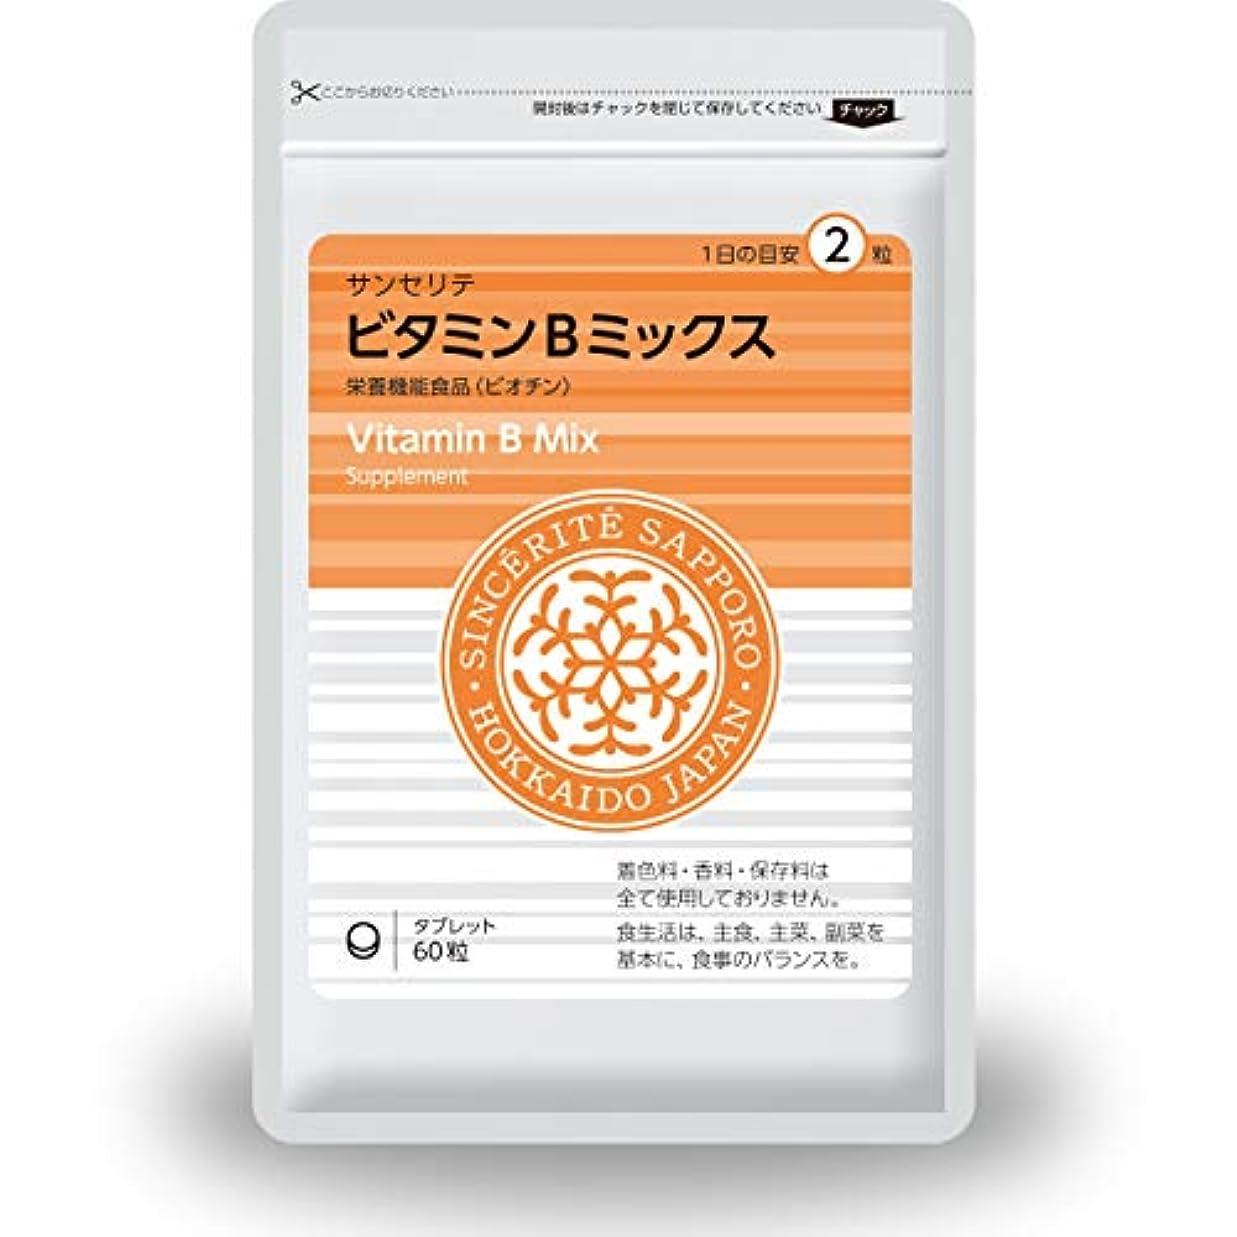 ビタミンBミックス[栄養機能食品]ビタミンB群たっぷり配合[国内製造]しっかり★30日分